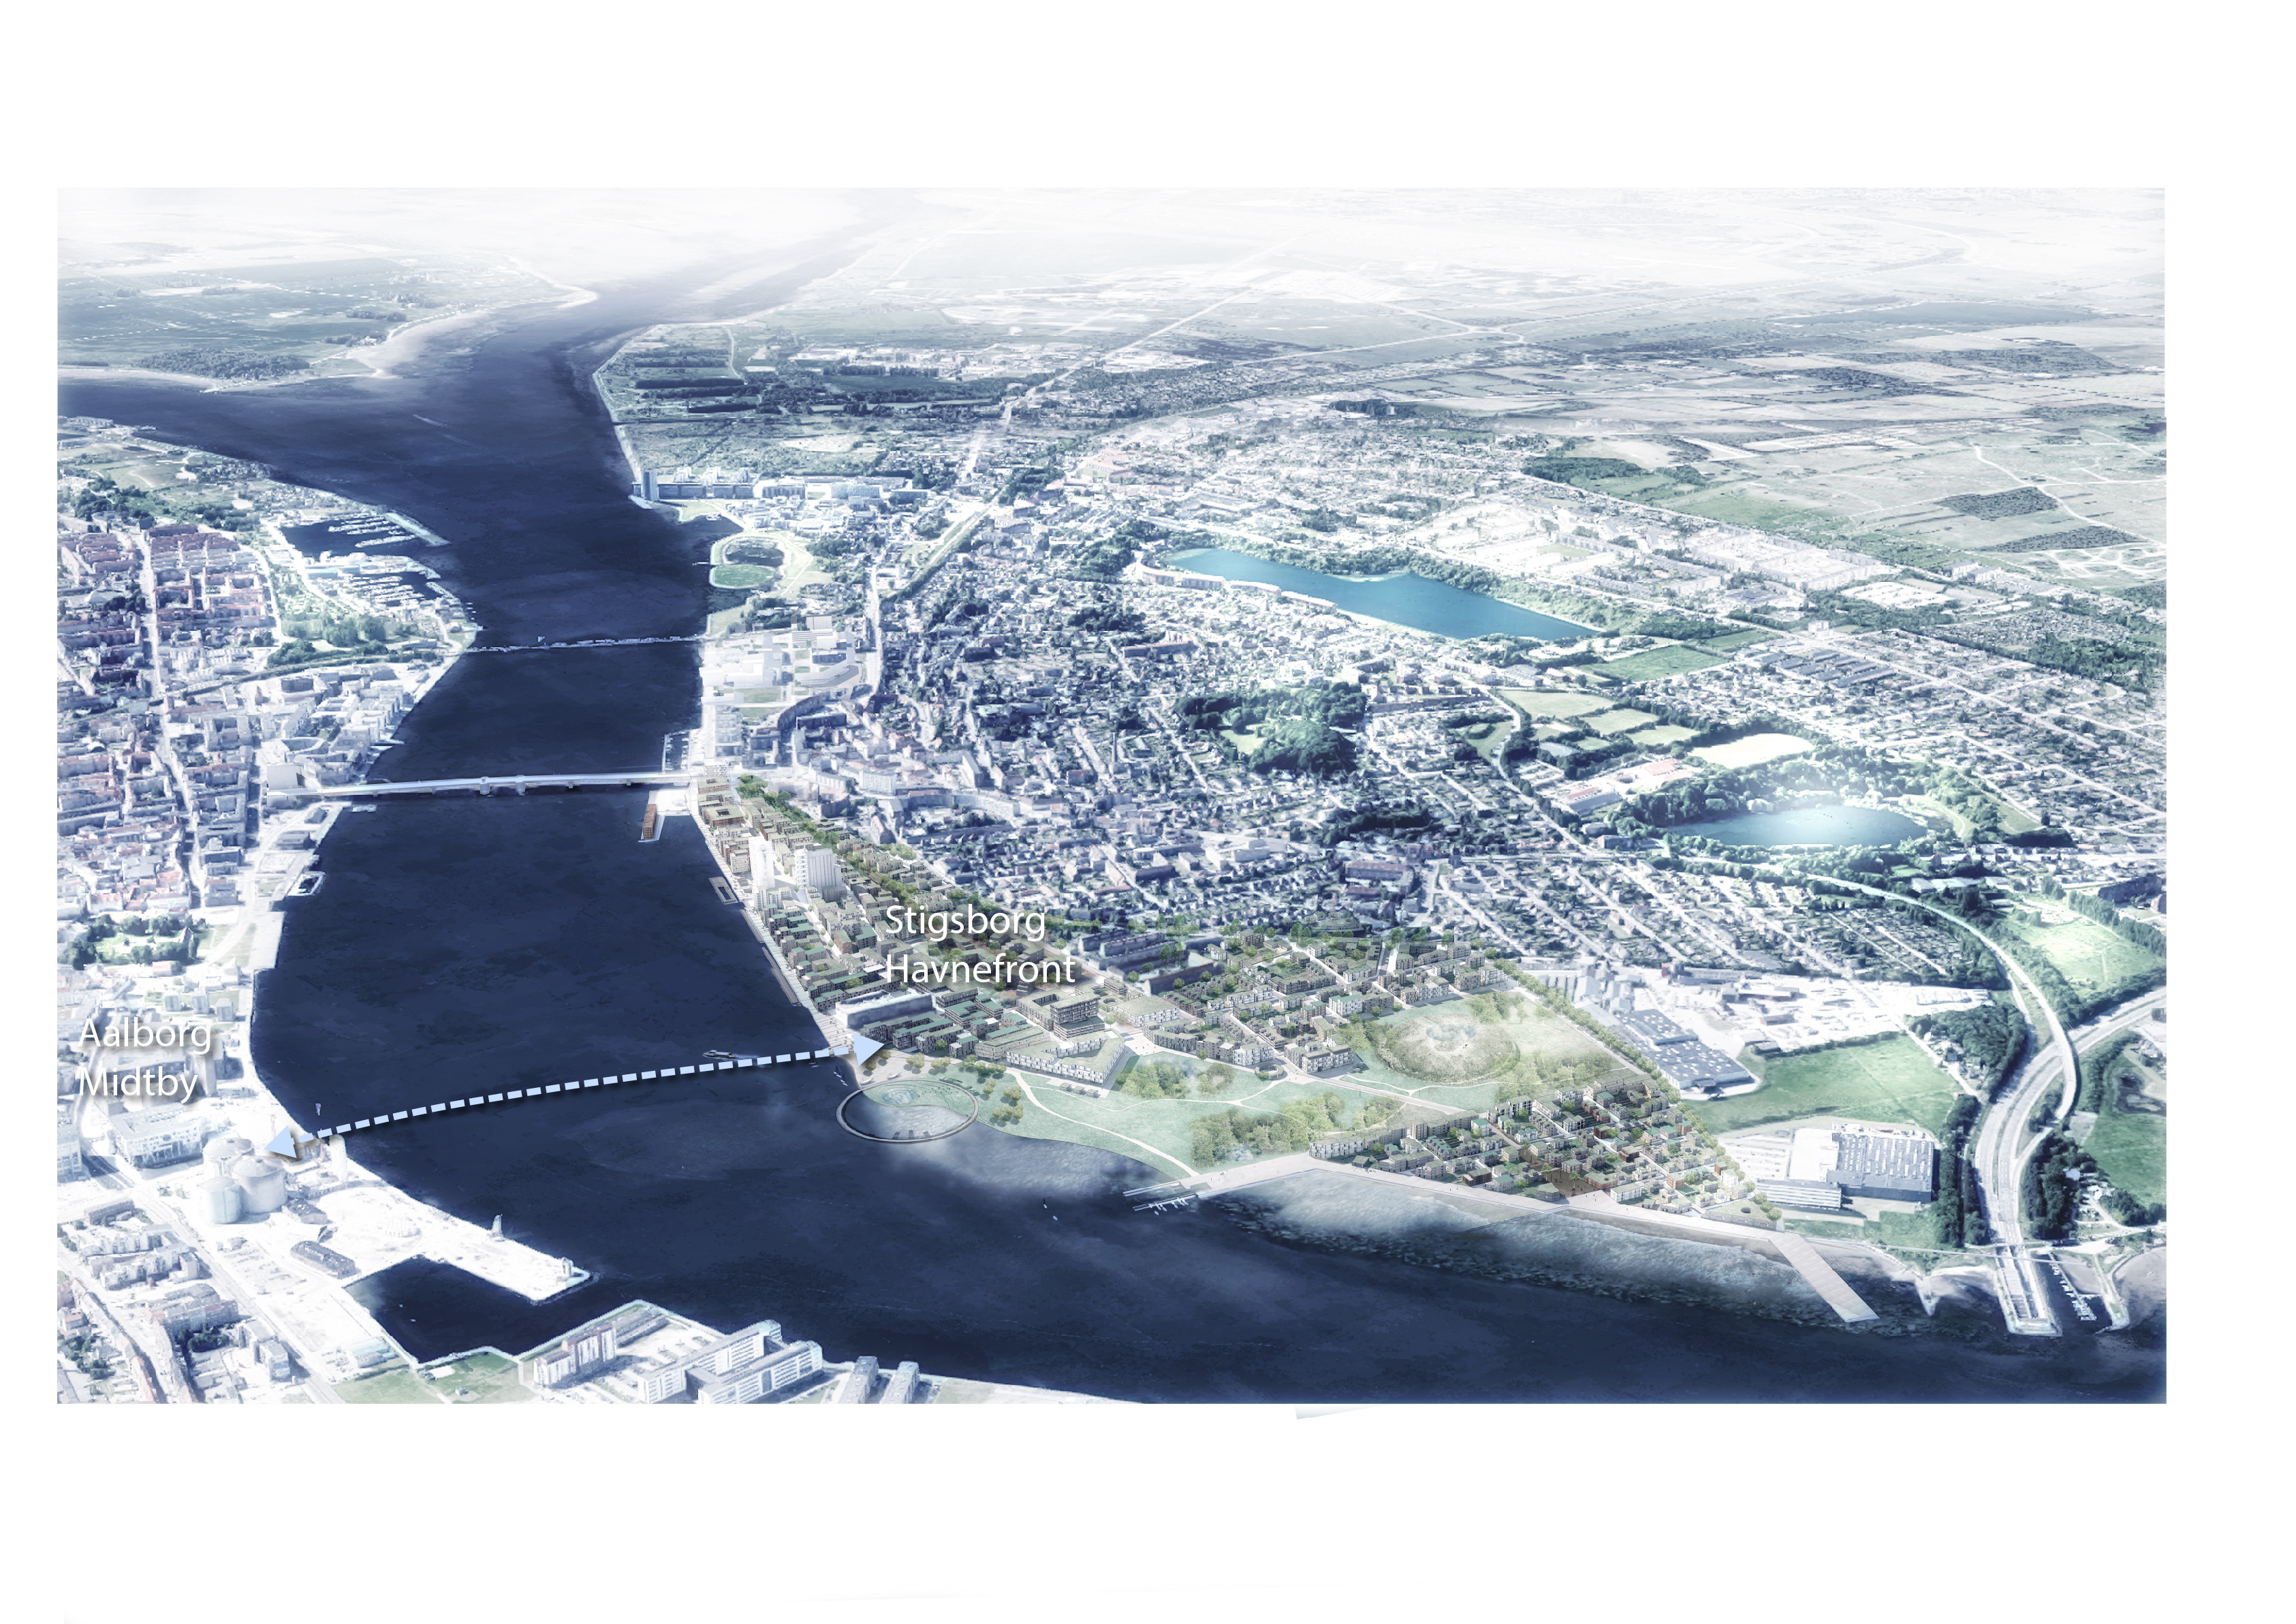 Cykelbro over Limfjorden kan blive en realitet: Her er planerne